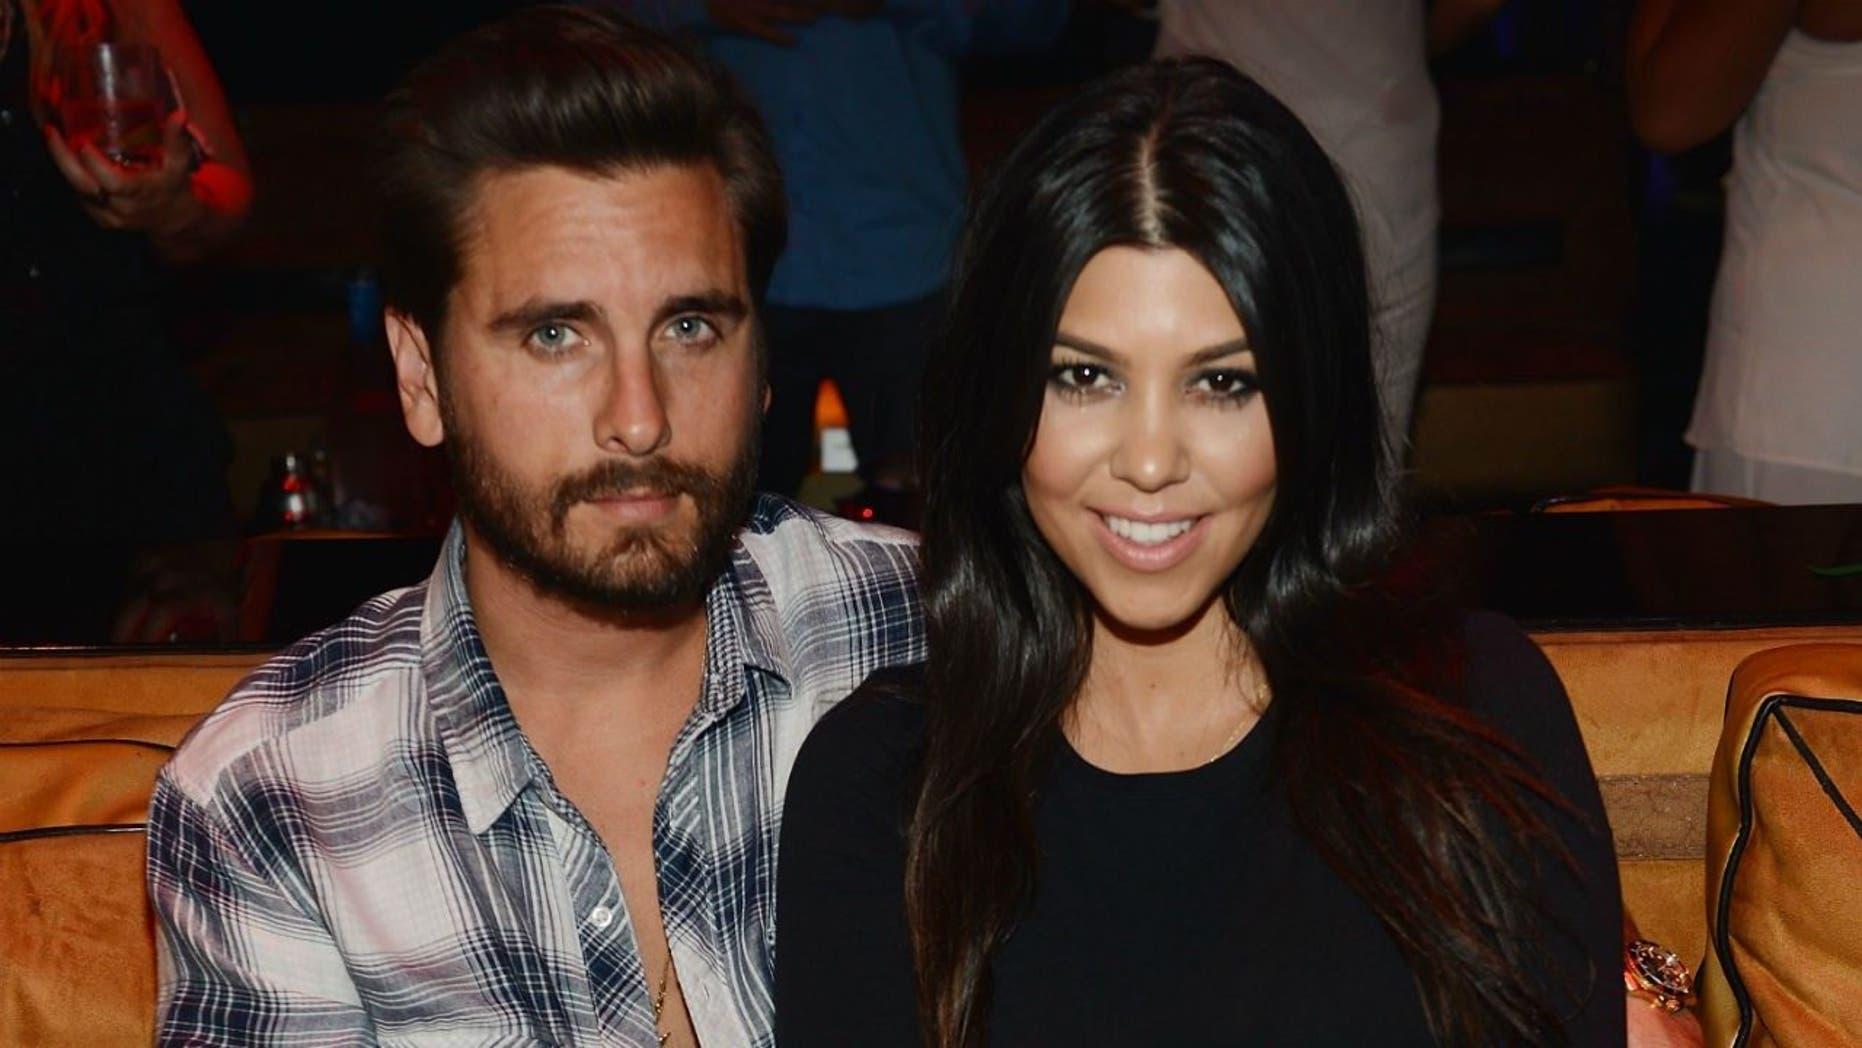 Kourtney Kardashian and her ex-boyfriend Scott Disick share three children together.